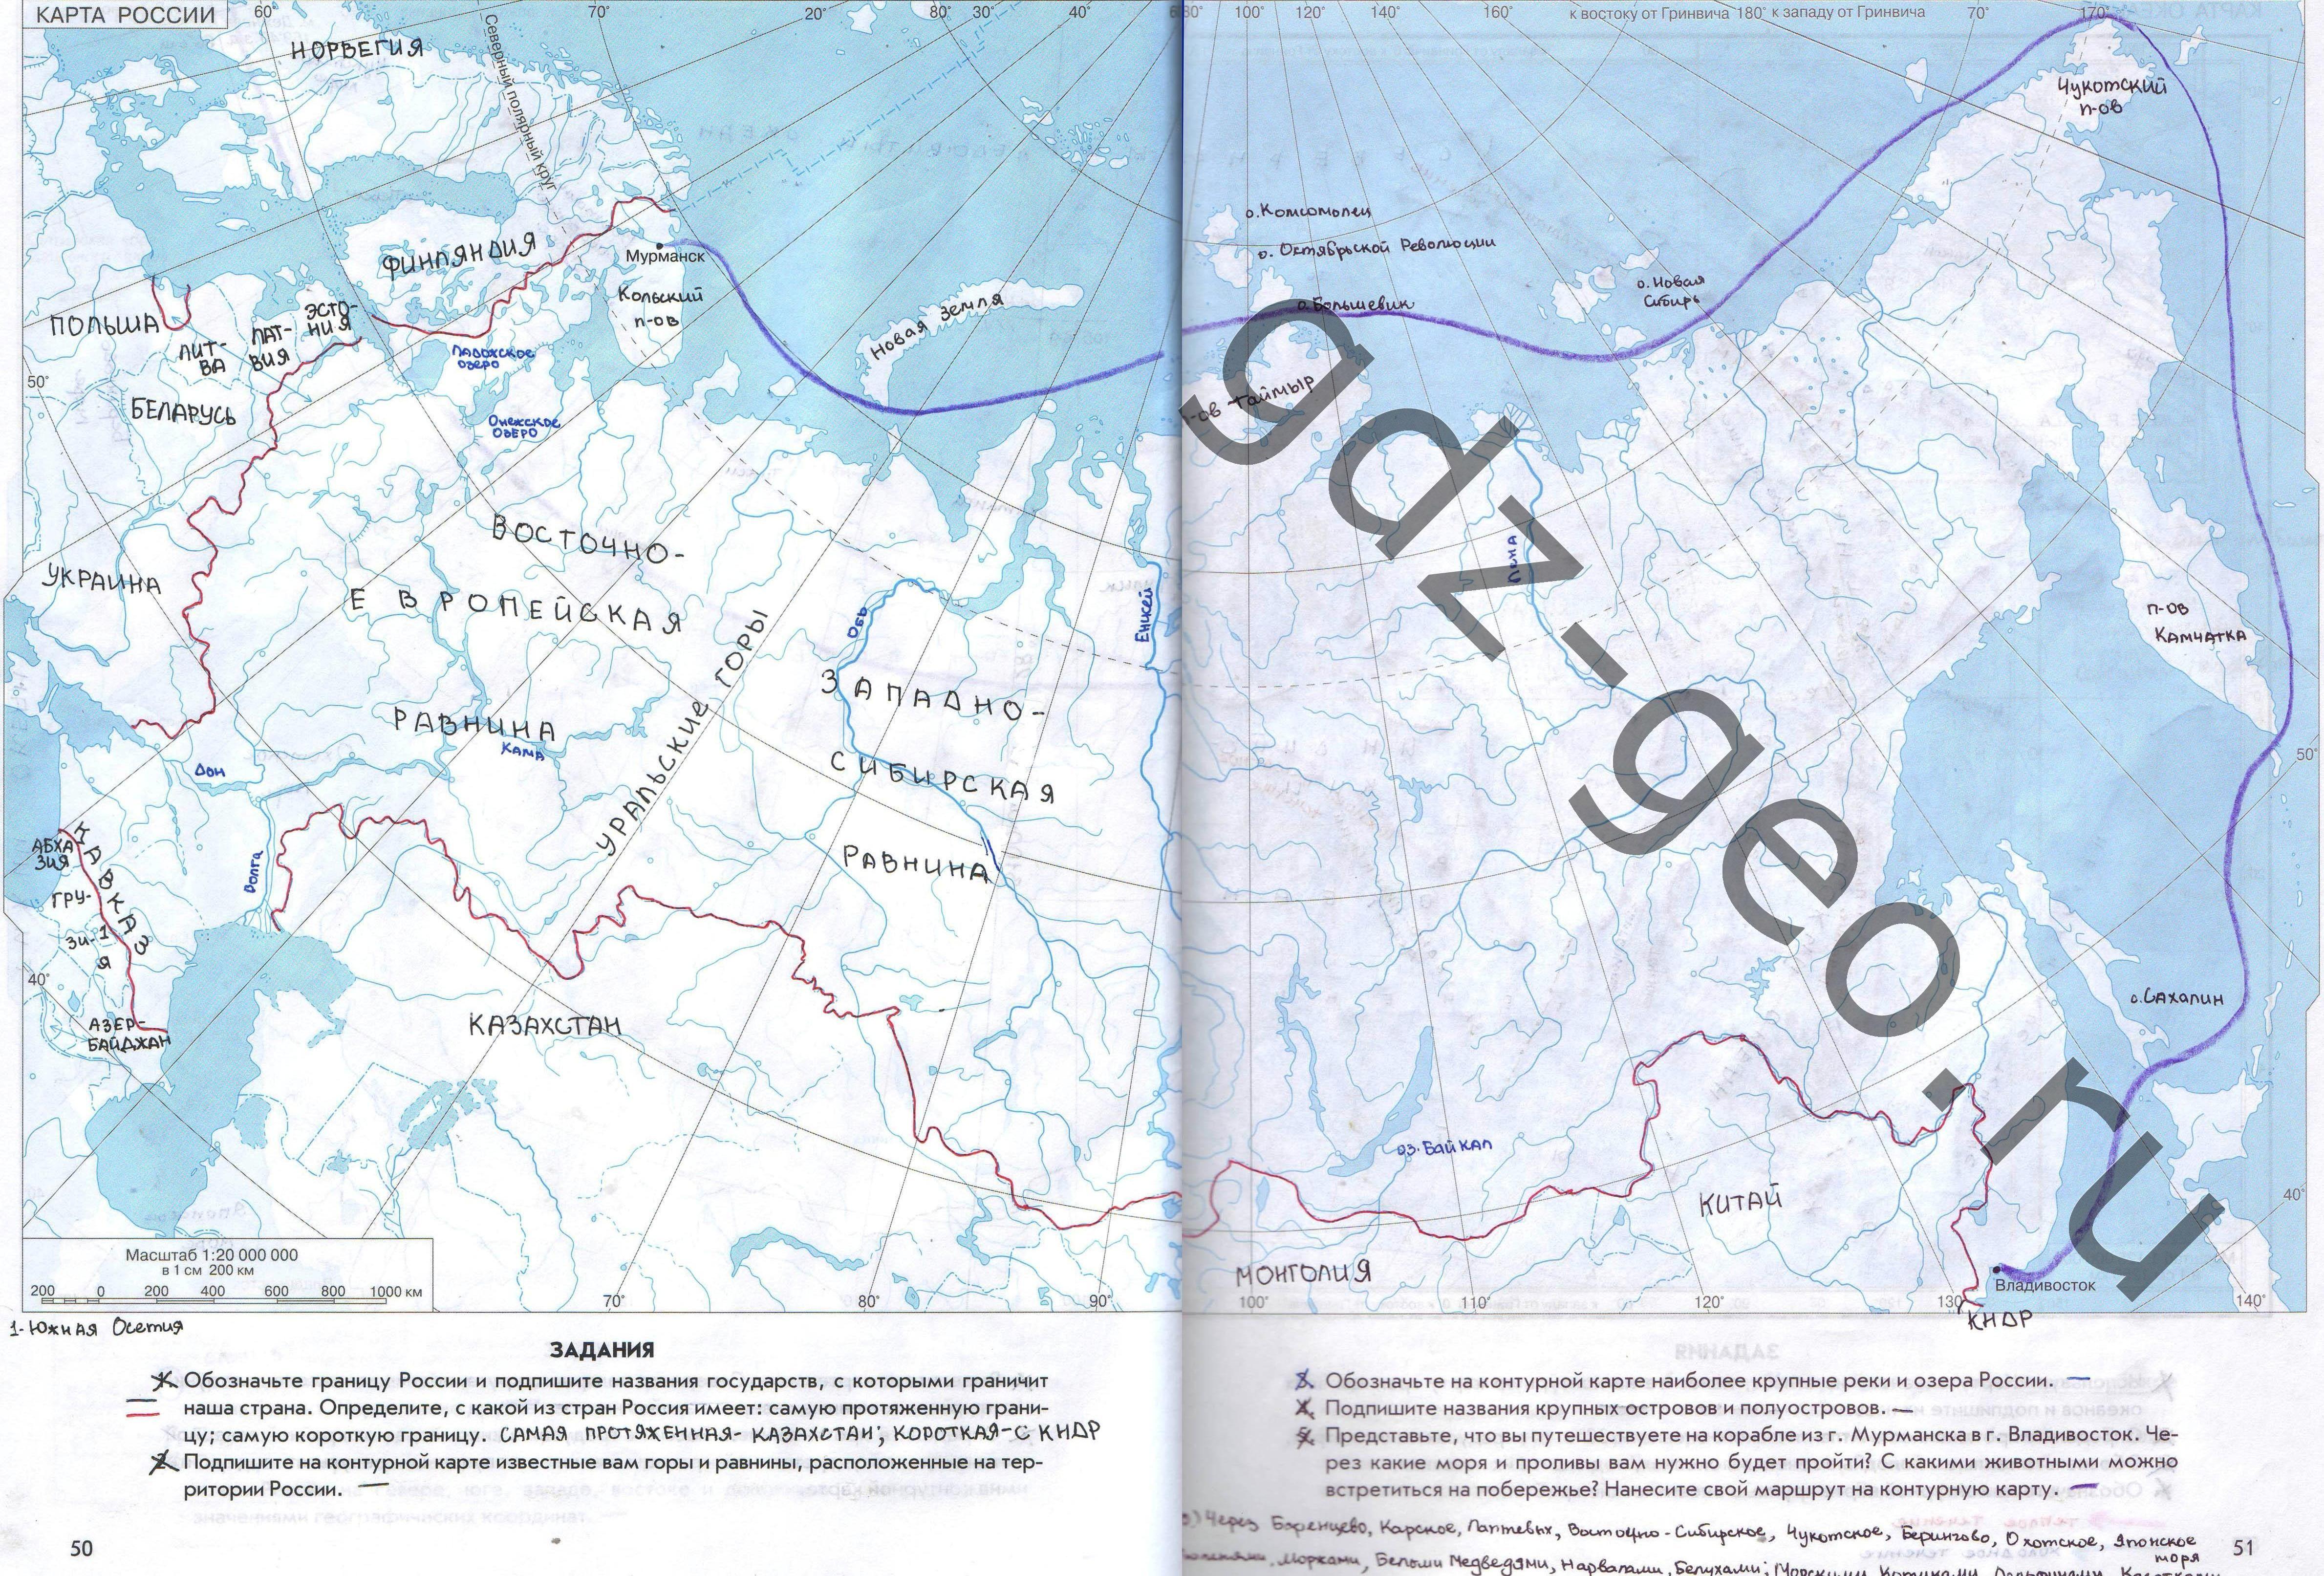 Решебник по контурной карте по географии 8 класс по книге зыля